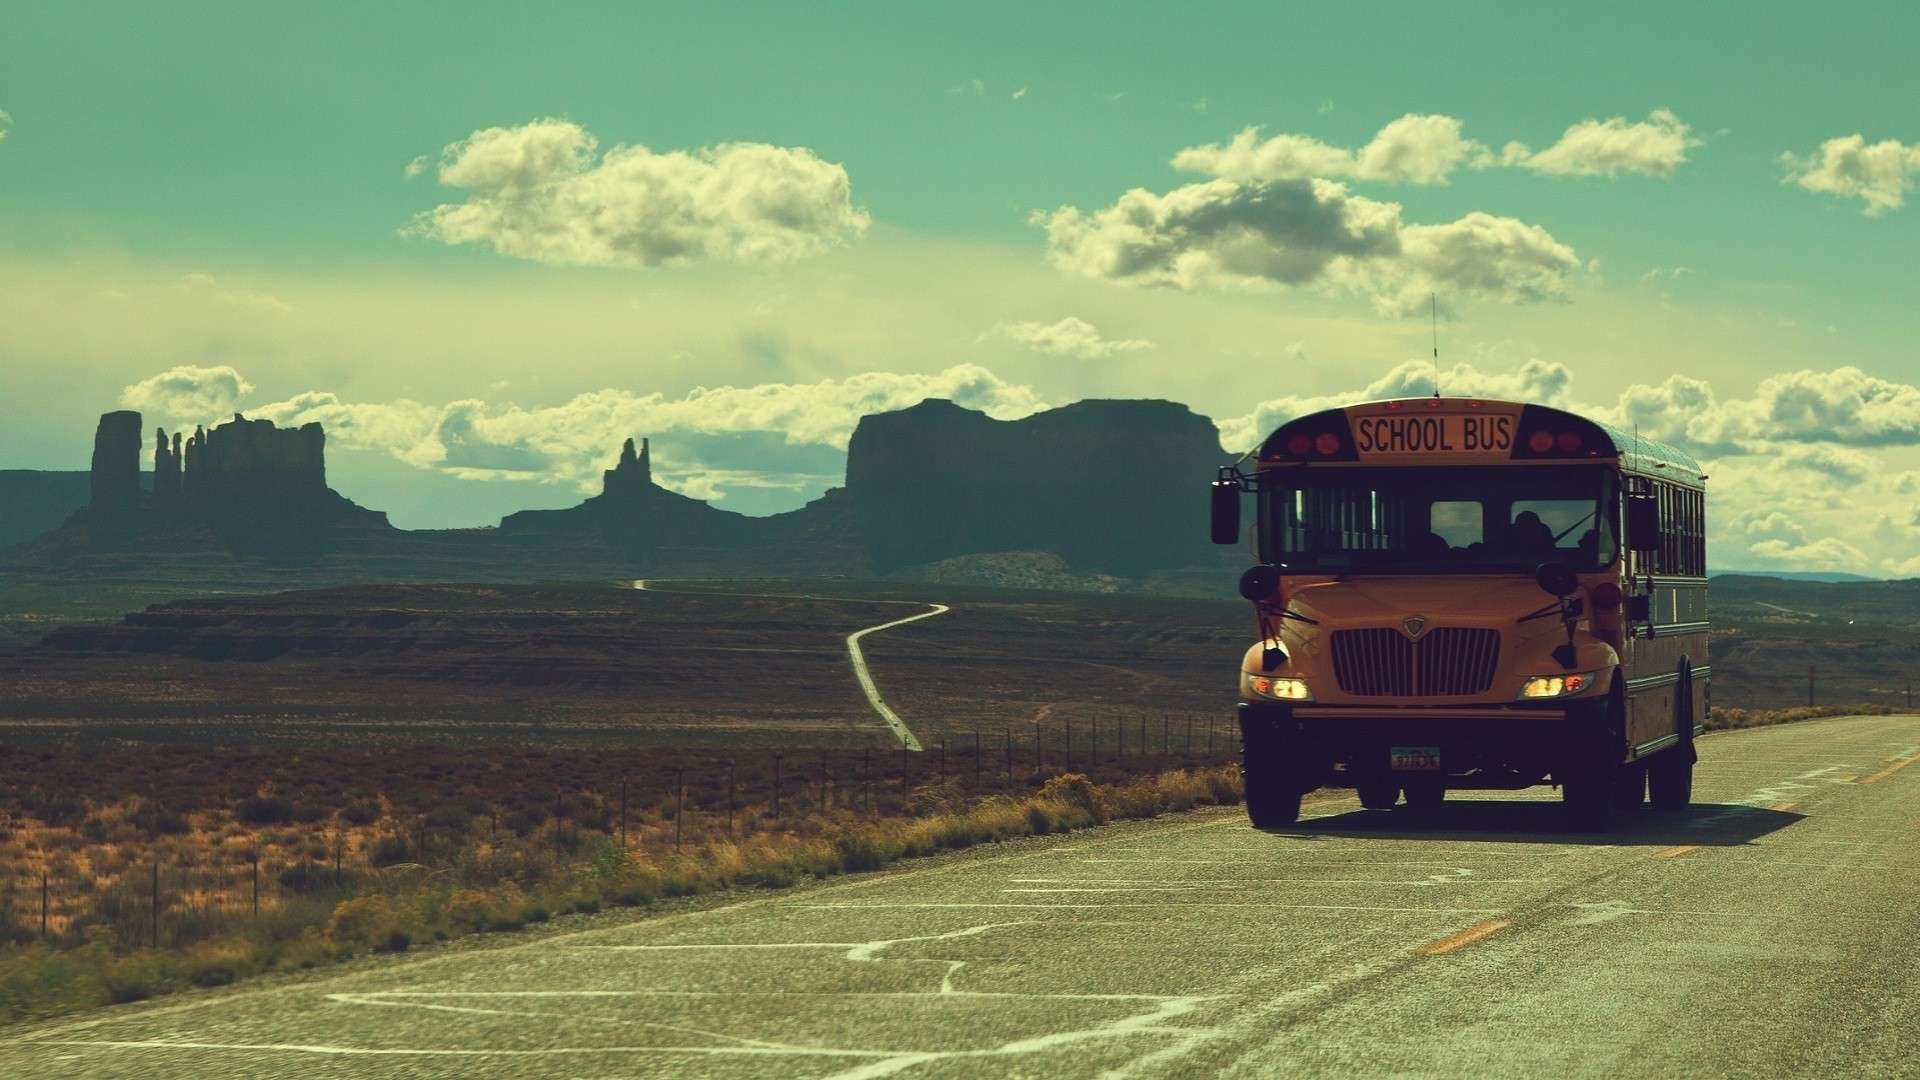 Bus Vintage Hd Wallpapers Landschafts Tapete Vintage Landschaft